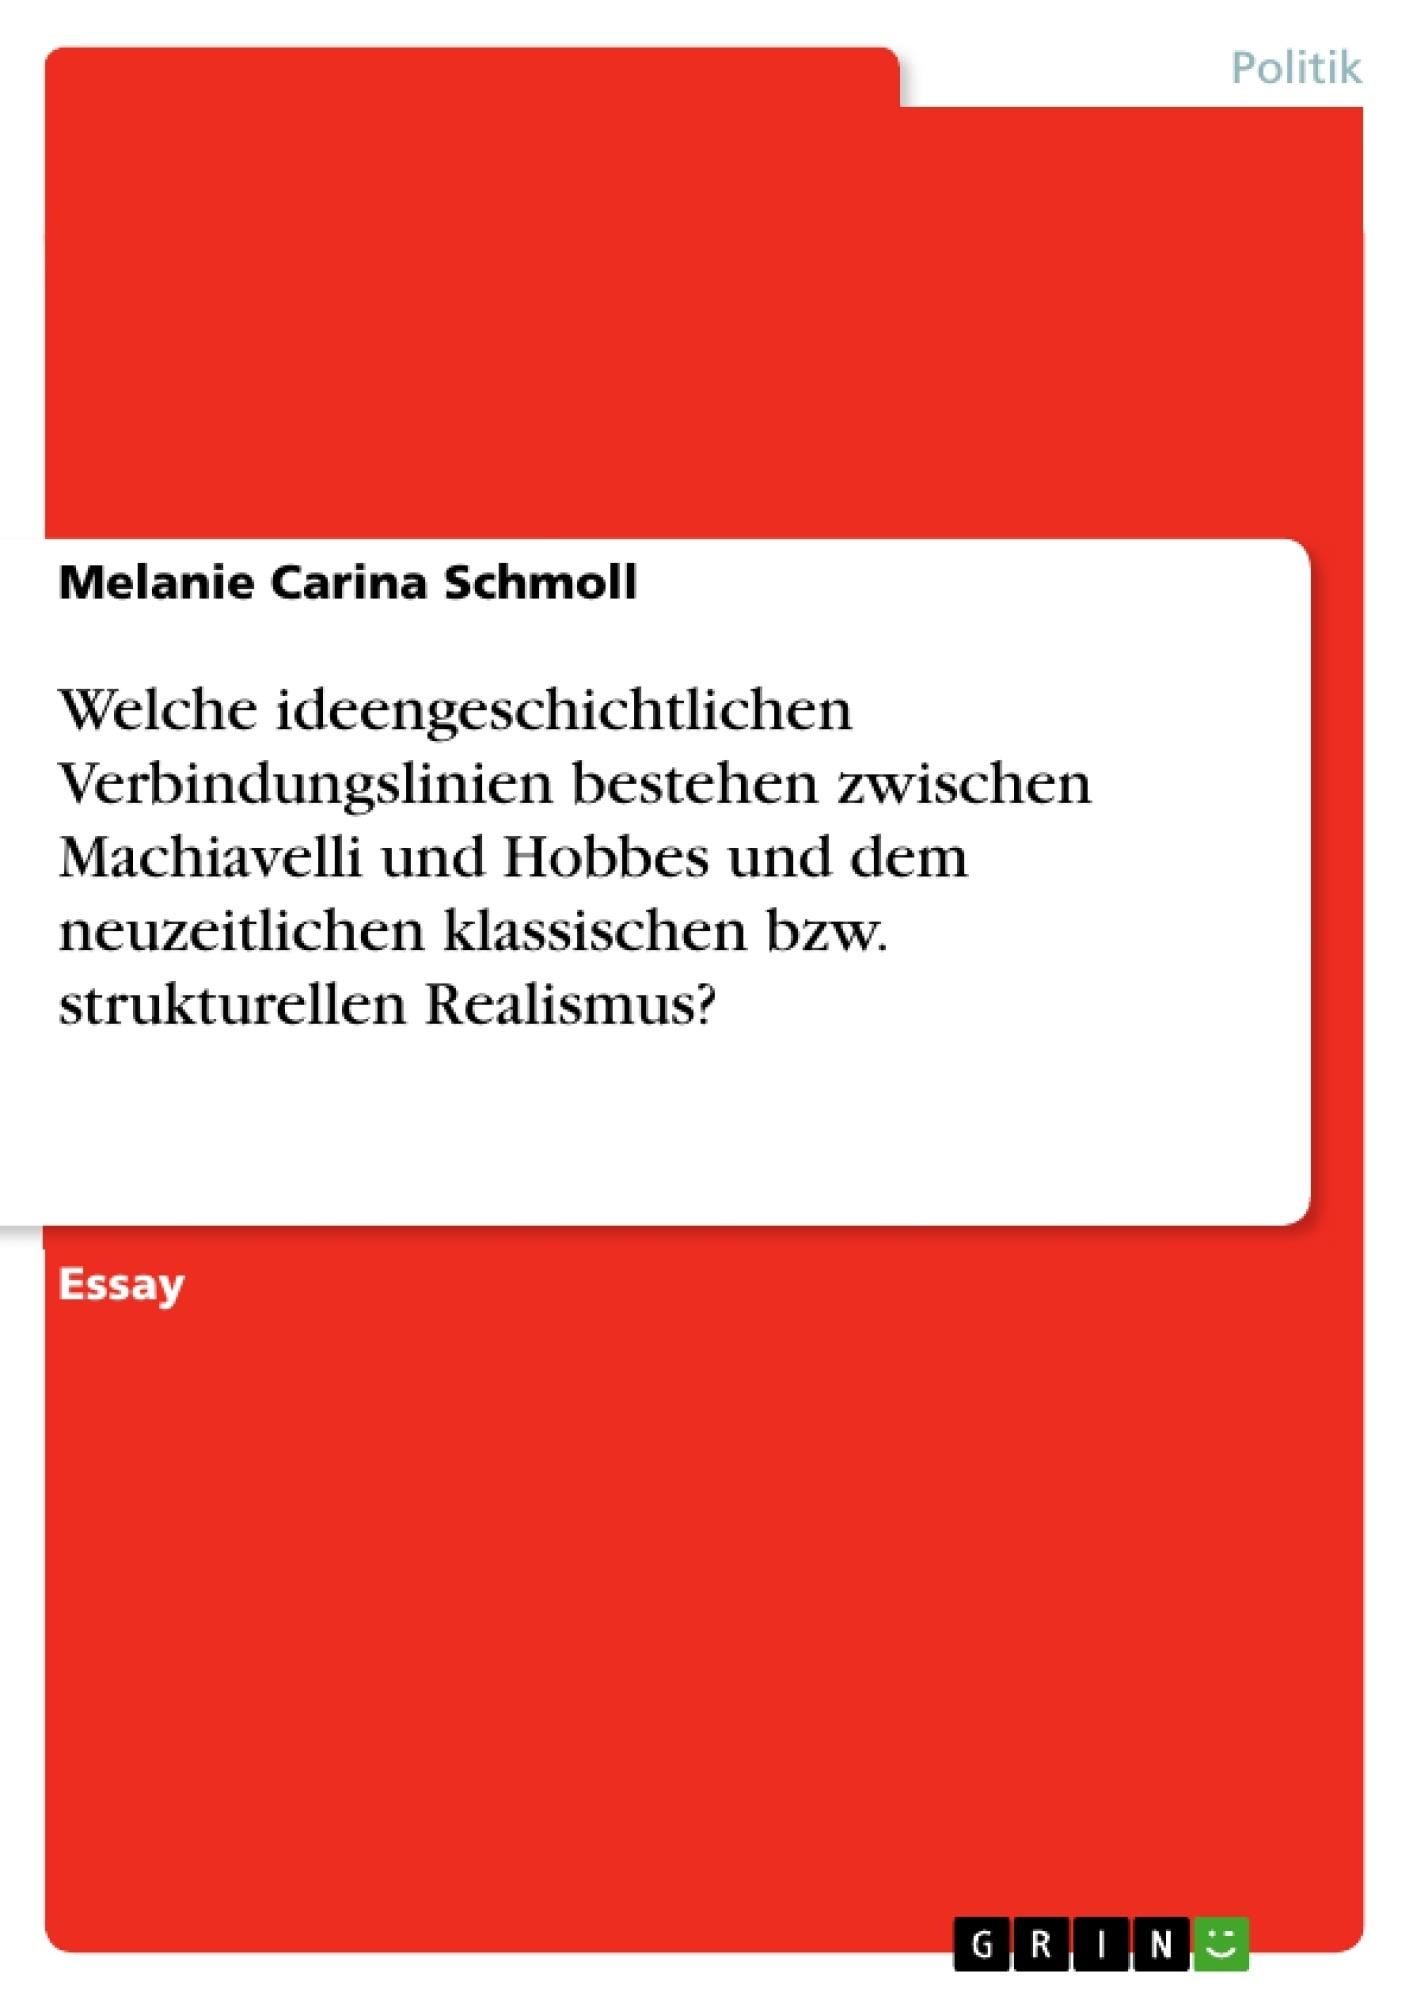 Titel: Welche ideengeschichtlichen Verbindungslinien bestehen zwischen Machiavelli und Hobbes und dem neuzeitlichen klassischen bzw. strukturellen Realismus?